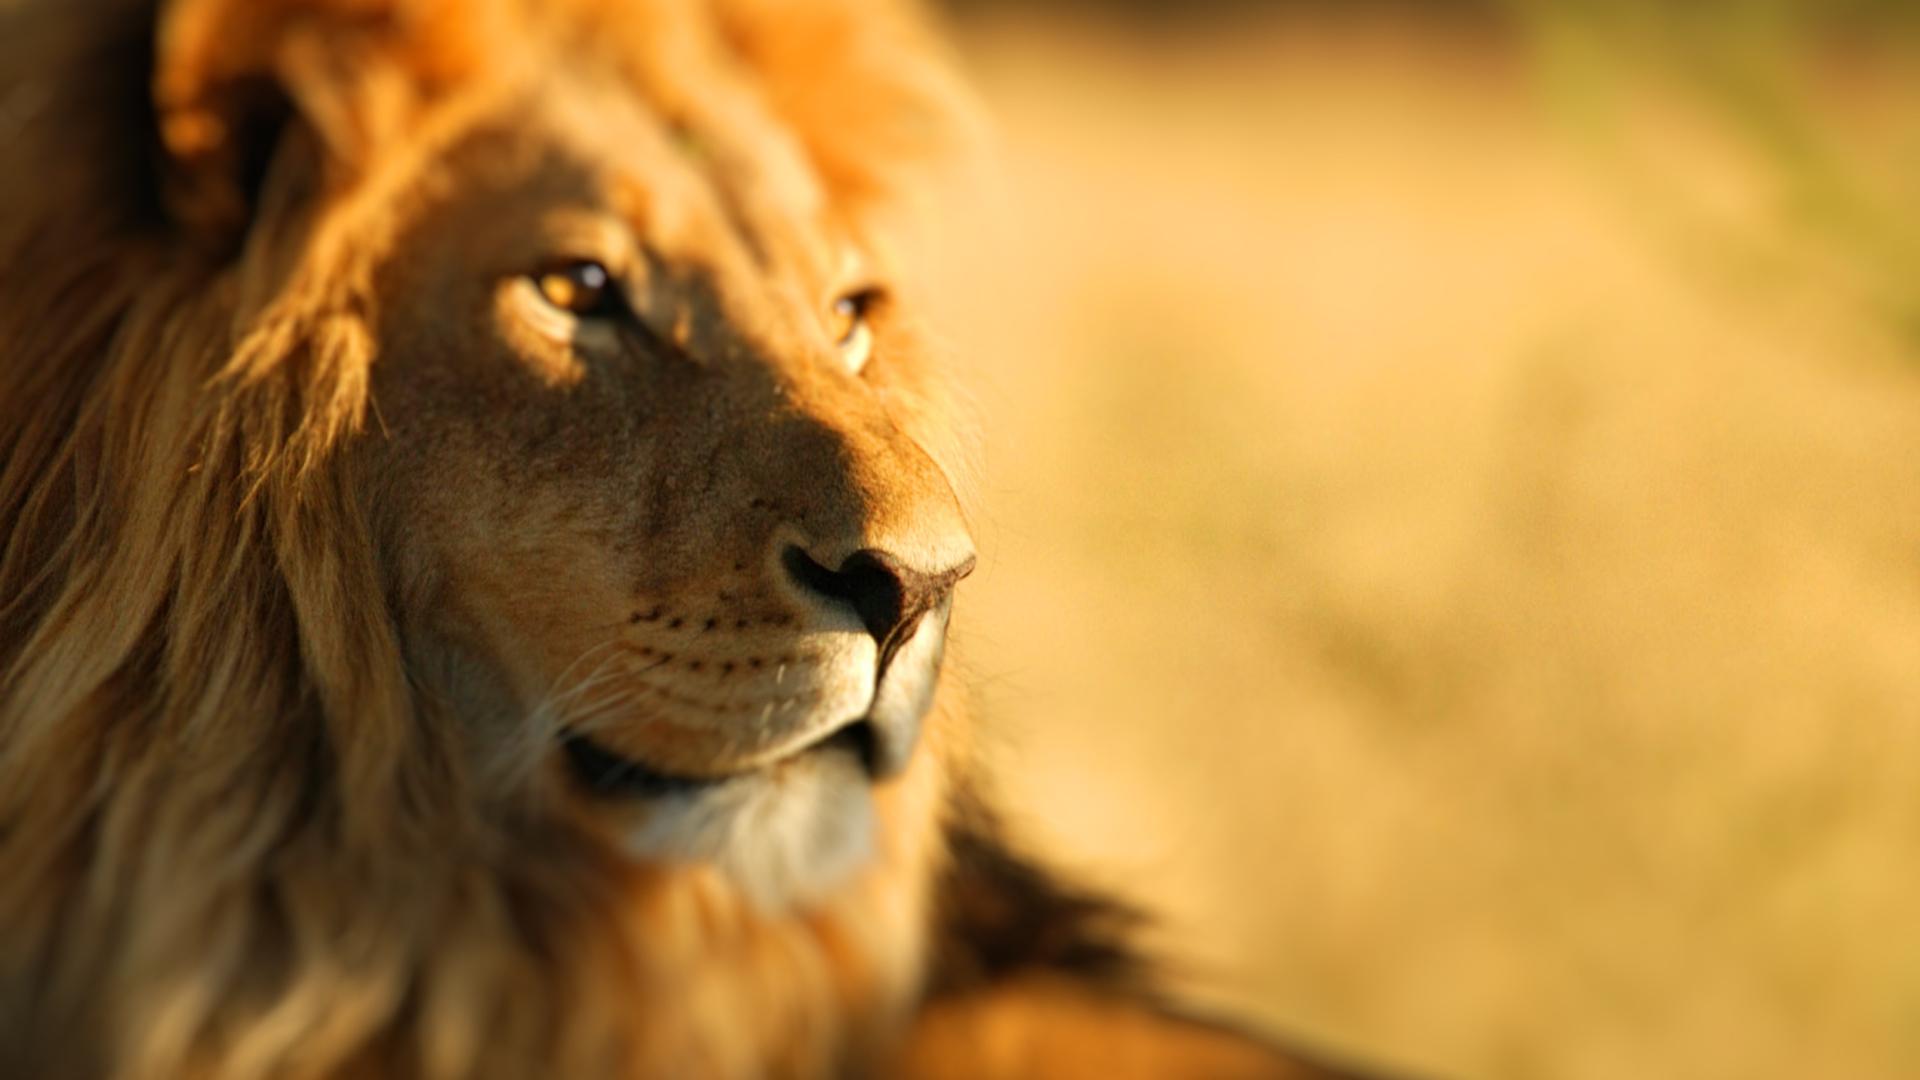 Фото высокого качества львы на фон телефона арка барселоне